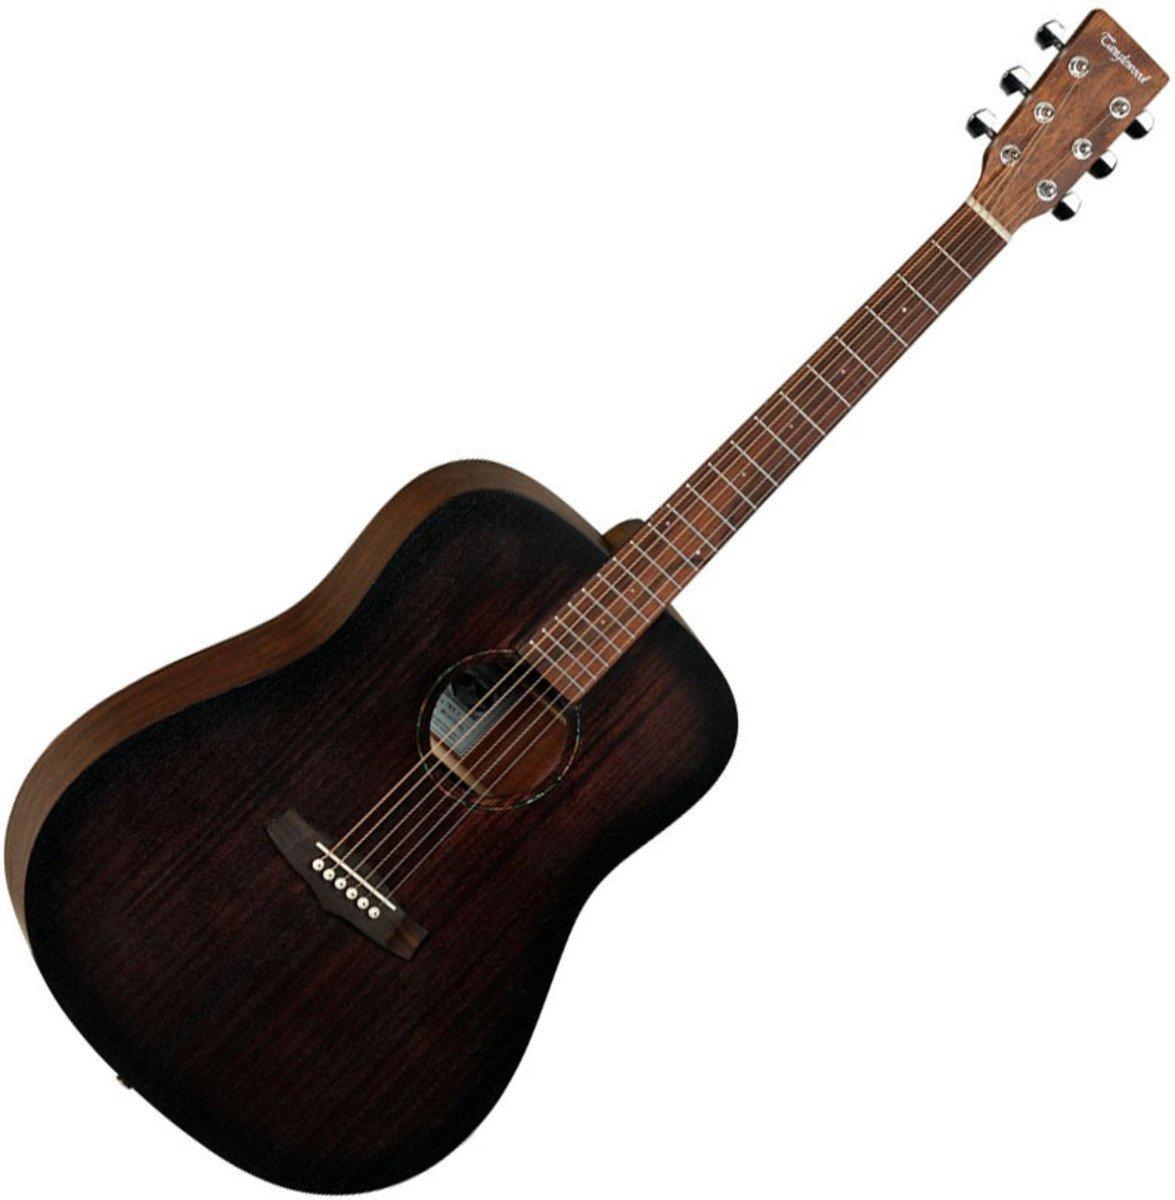 Tanglewood TWCR D Gitara Akustyczna SUper Wyglad